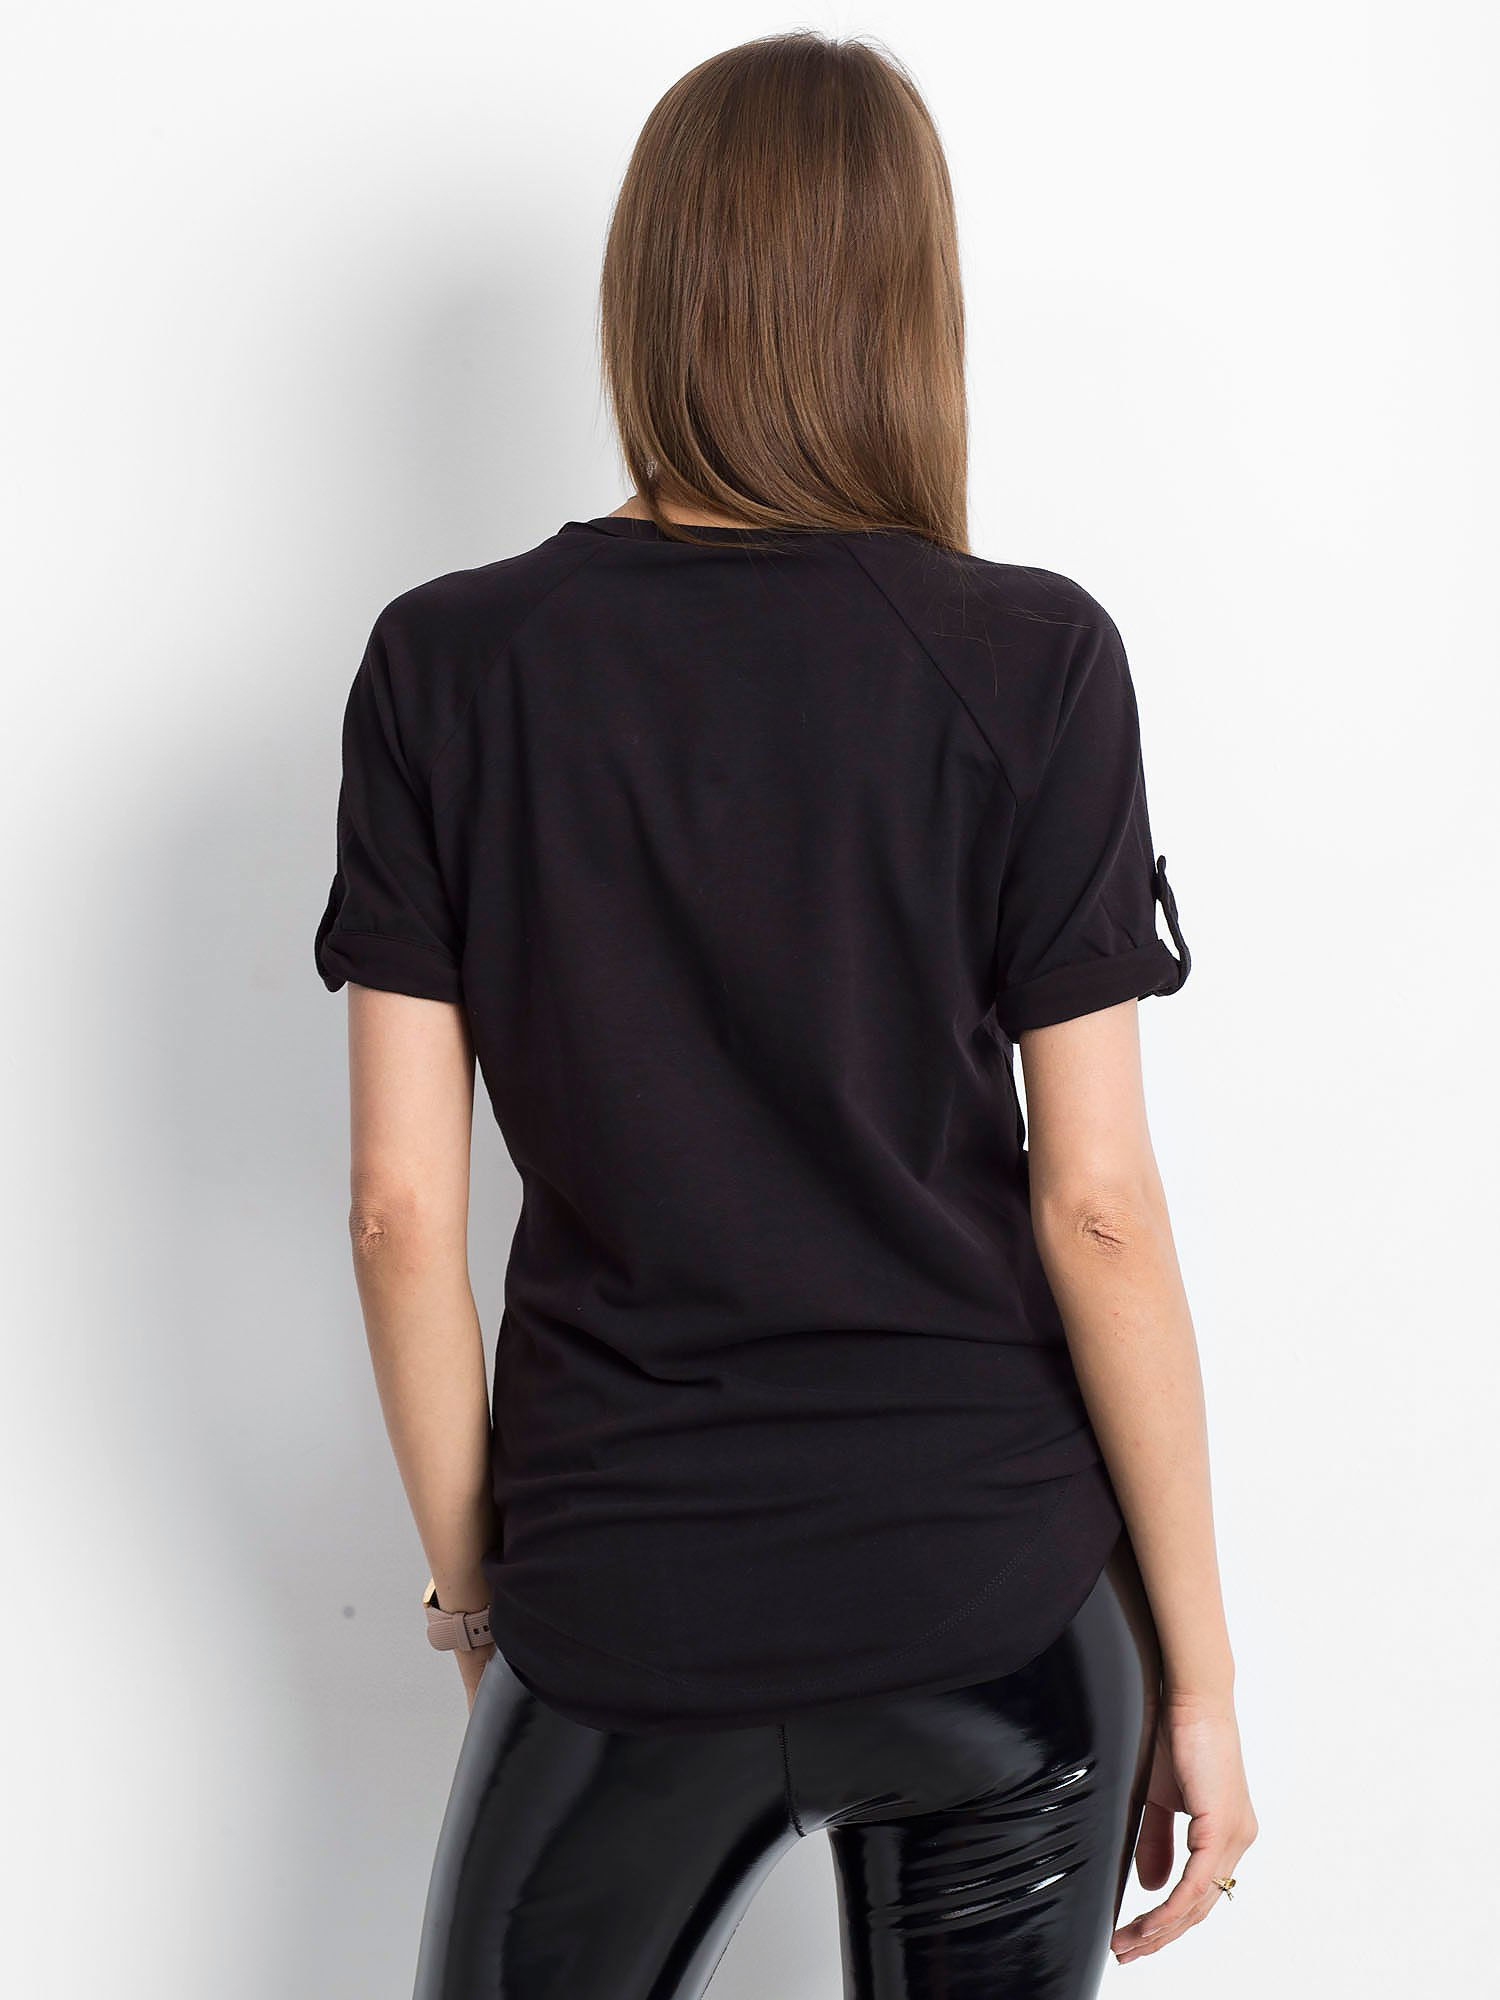 692979871c03f9 VIA DELLE ROSE Czarna bluzka ze złotymi łańcuszkami - Bluzka z ...